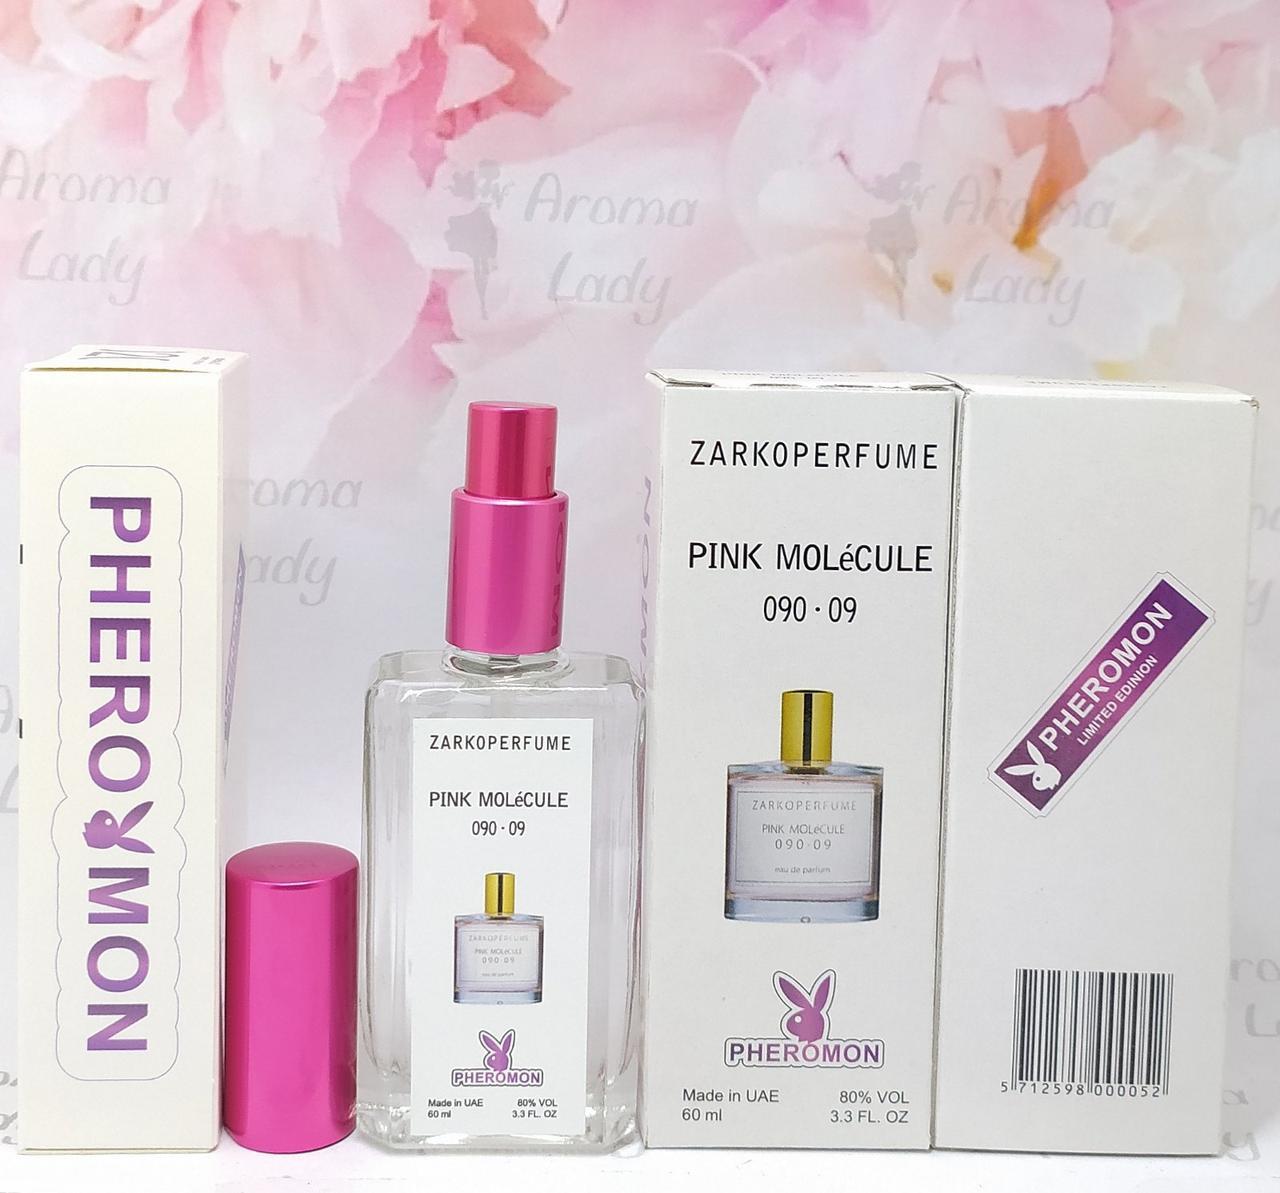 Унисекс аромат Zarkoperfume Pink Molécule 090.09 (Заркопарфюм Пинк Молекула 09) с феромонами 60 мл